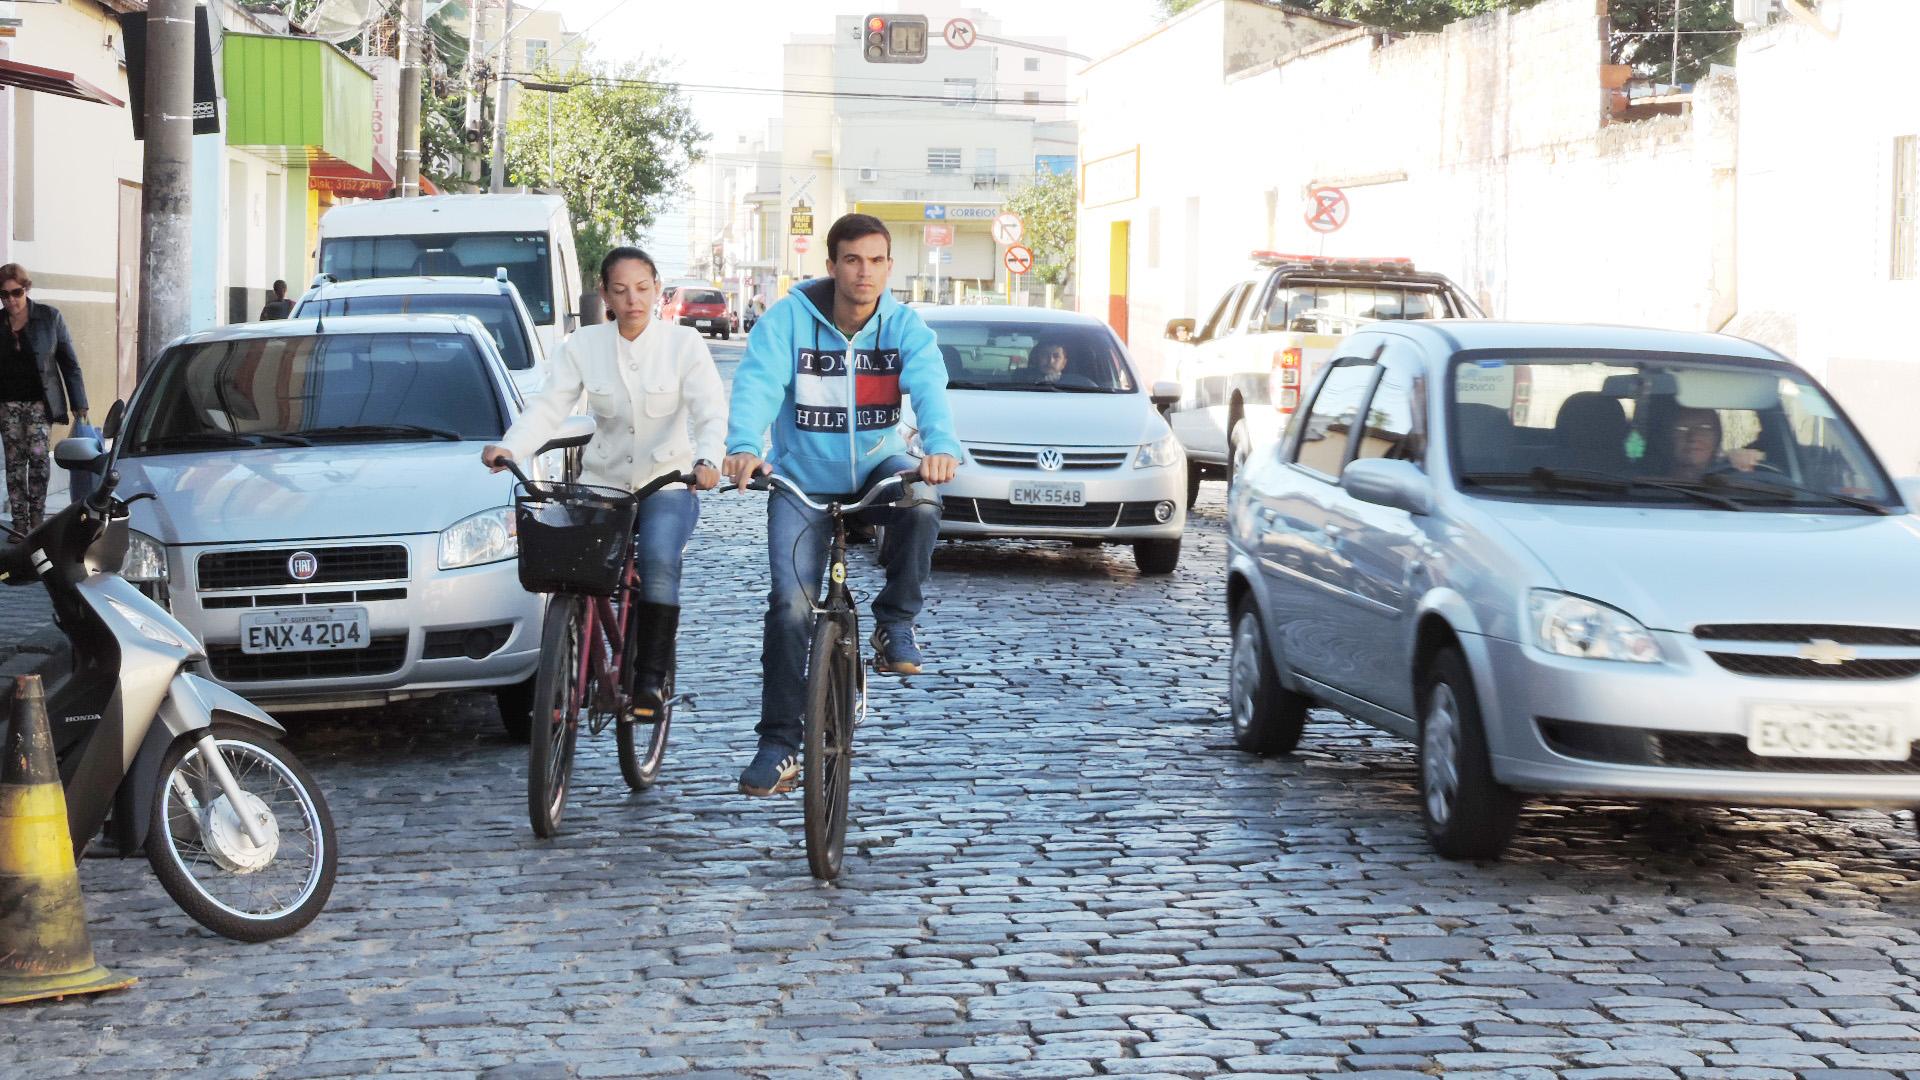 Ciclistas disputam espaços com carros, caminhões e ônibus na região central de Lorena; cidade tenta melhorar mobilidade com proposta (Foto: Rafaela Lourenço)